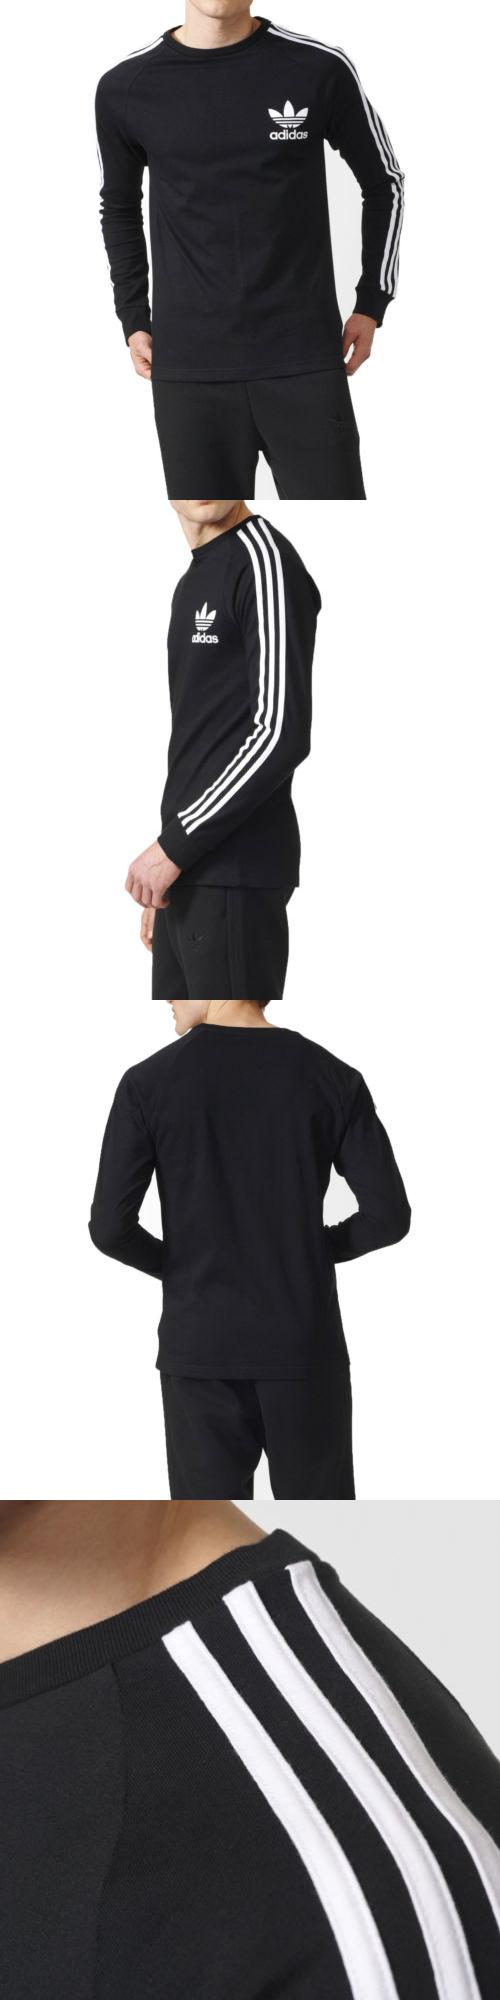 Atletismo 19957 hombres: de los hombres: T Adidas Originals California Longsleeve Men S T Shirt 329e239 - hotlink.pw